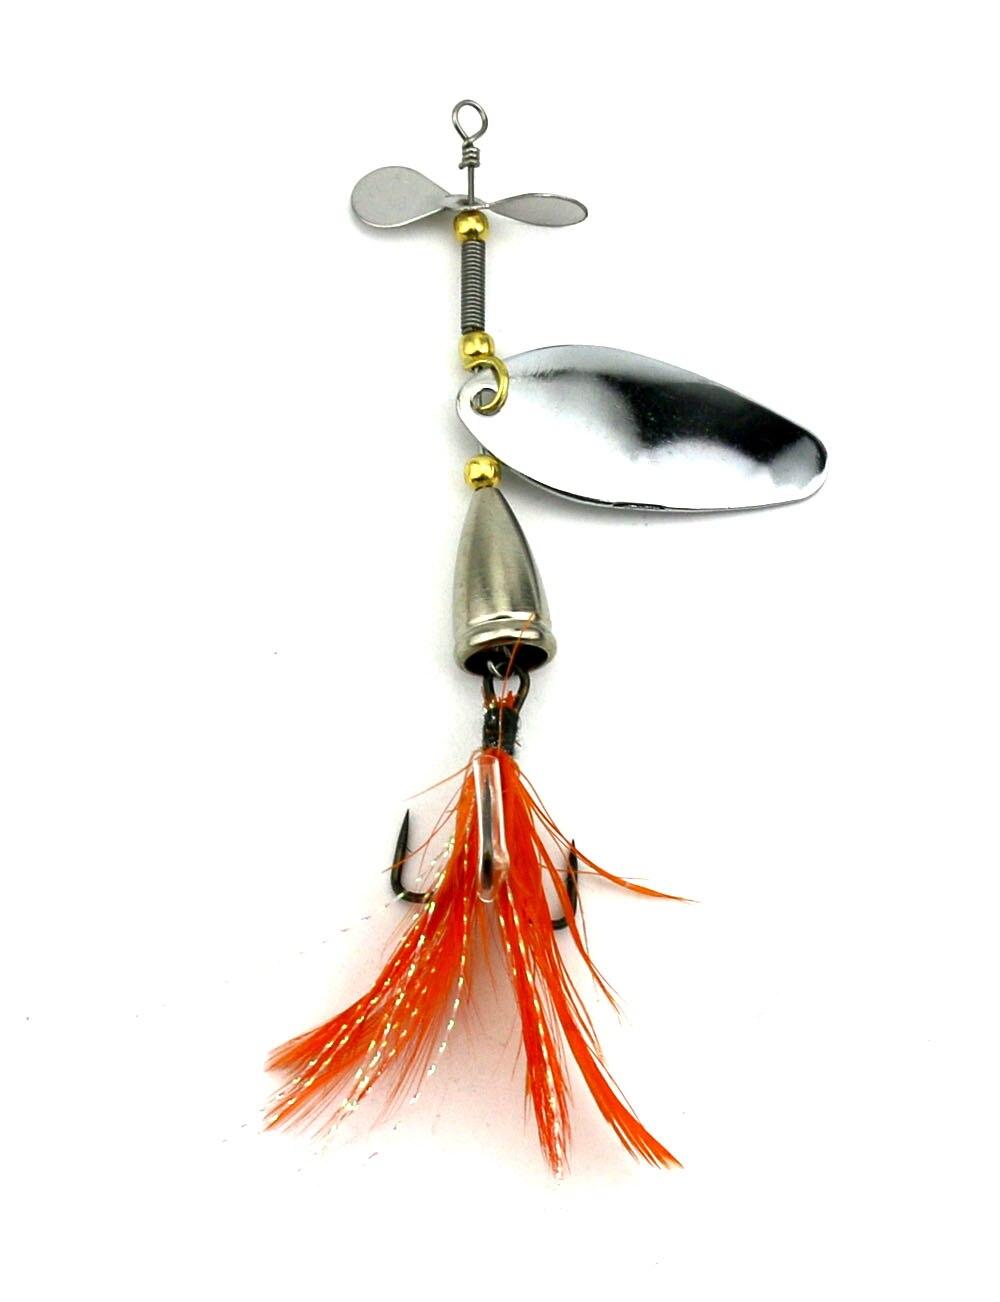 5 pcs isca de pesca prata spinner 04